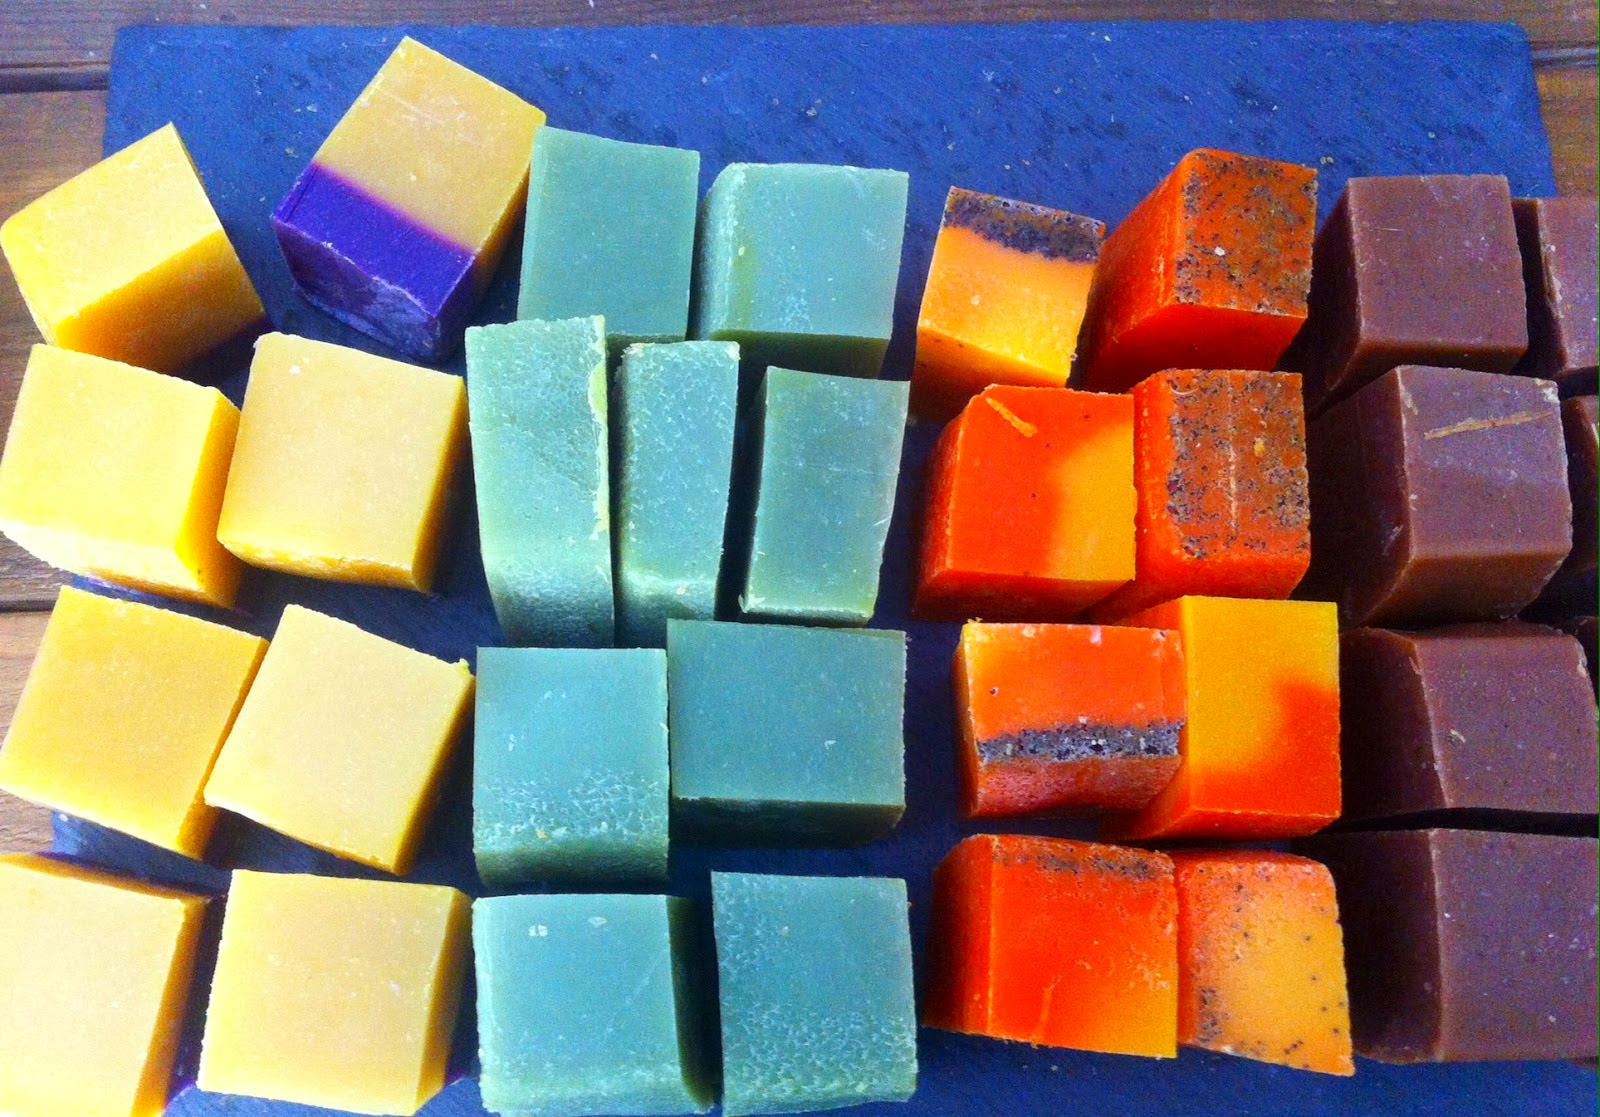 Jabones artesanales algas, aloe vera, naranja zanahoria y chocolate